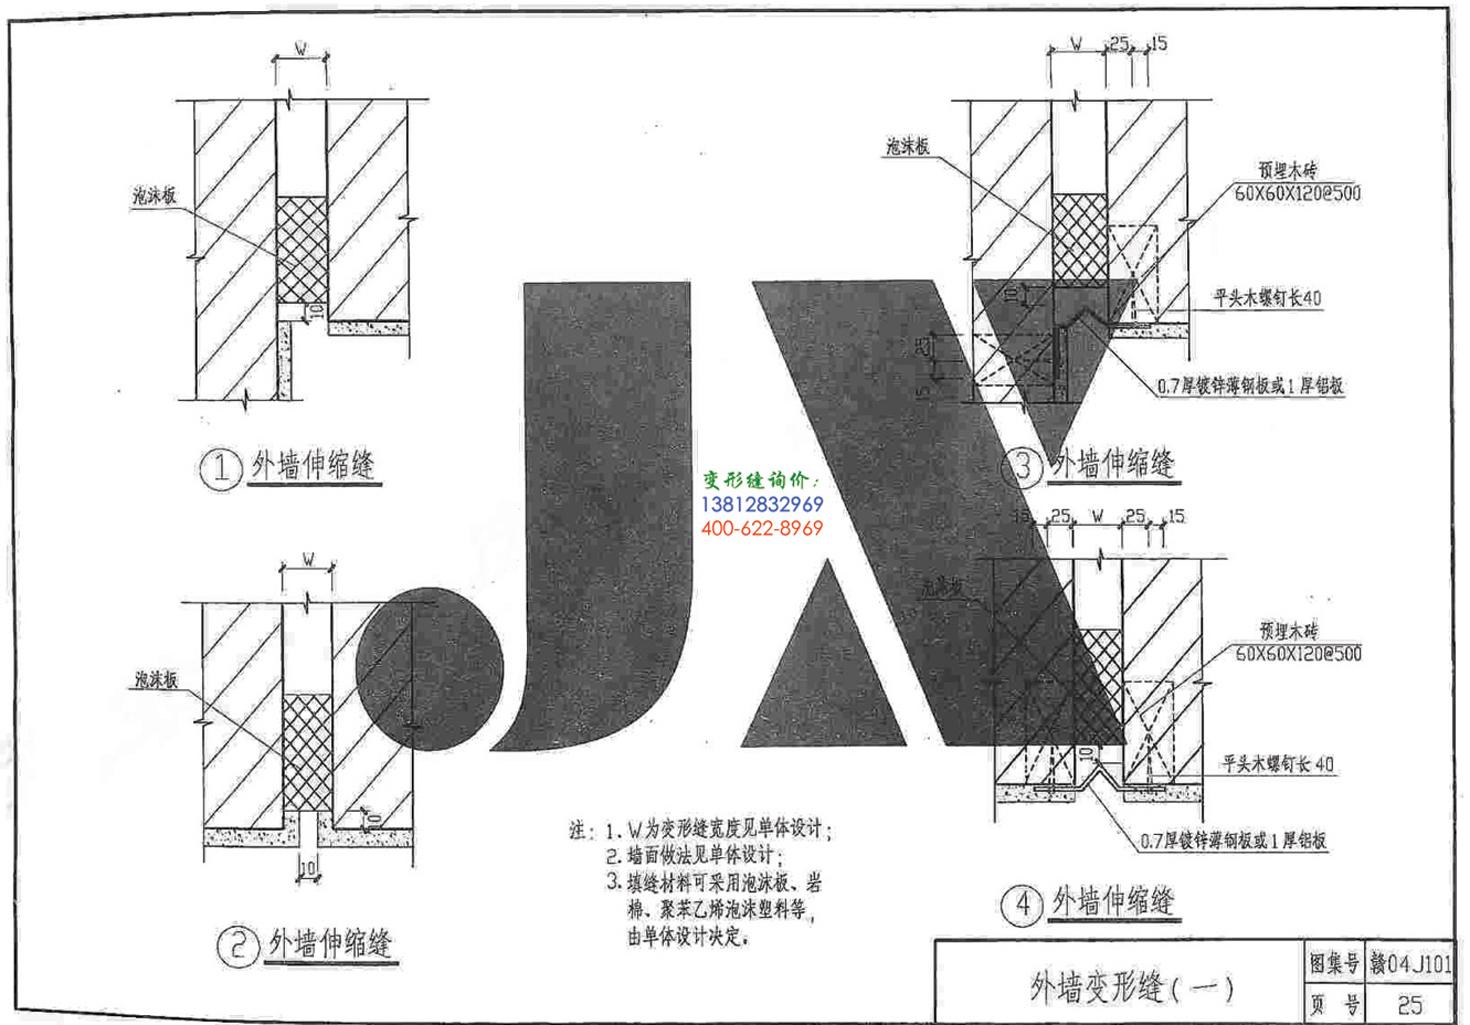 赣04J101变形缝图集第25页